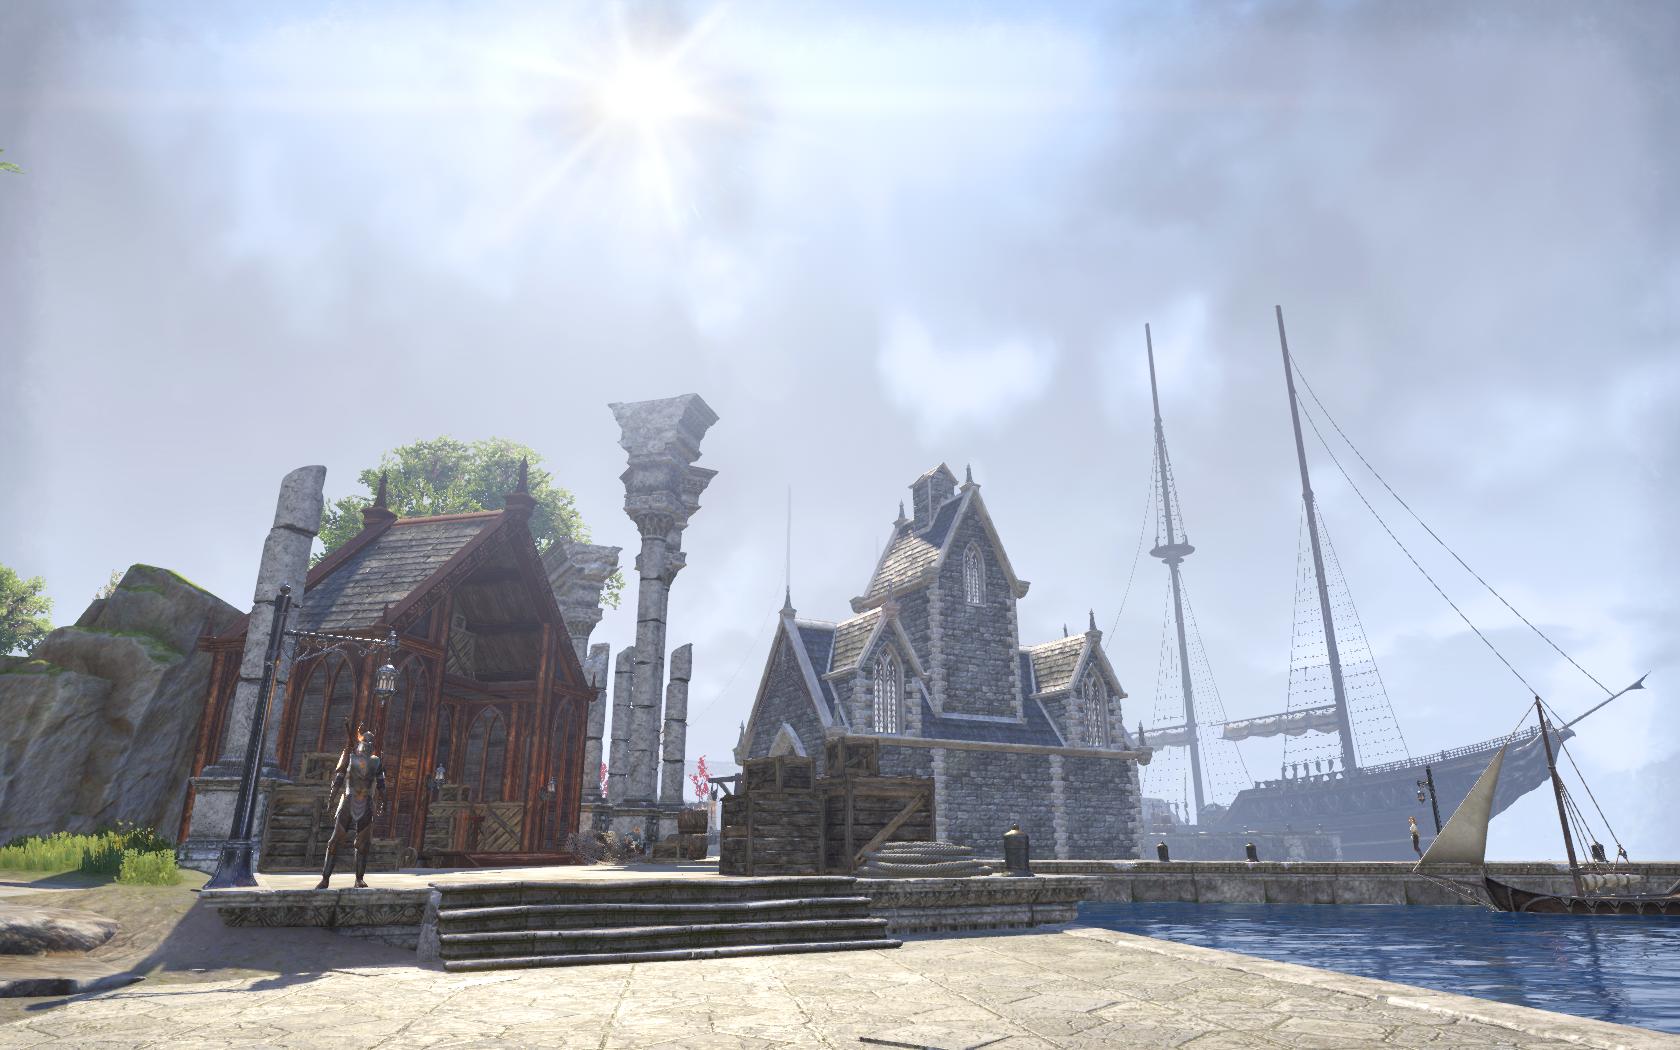 Alinor Docks